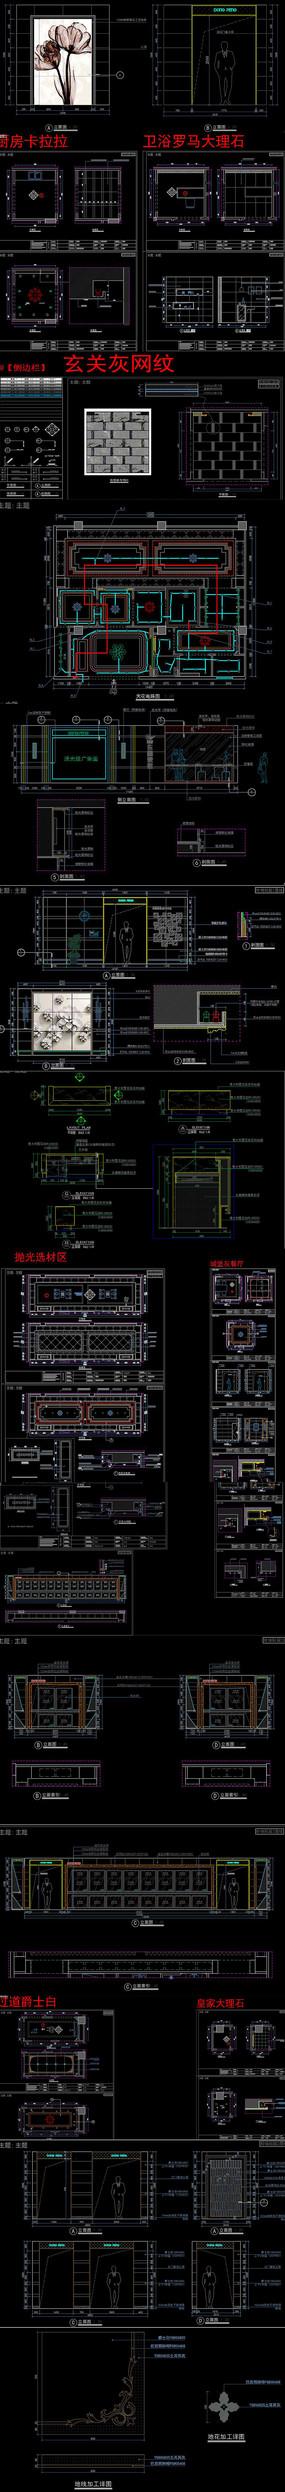 全套瓷磚展廳CAD圖庫